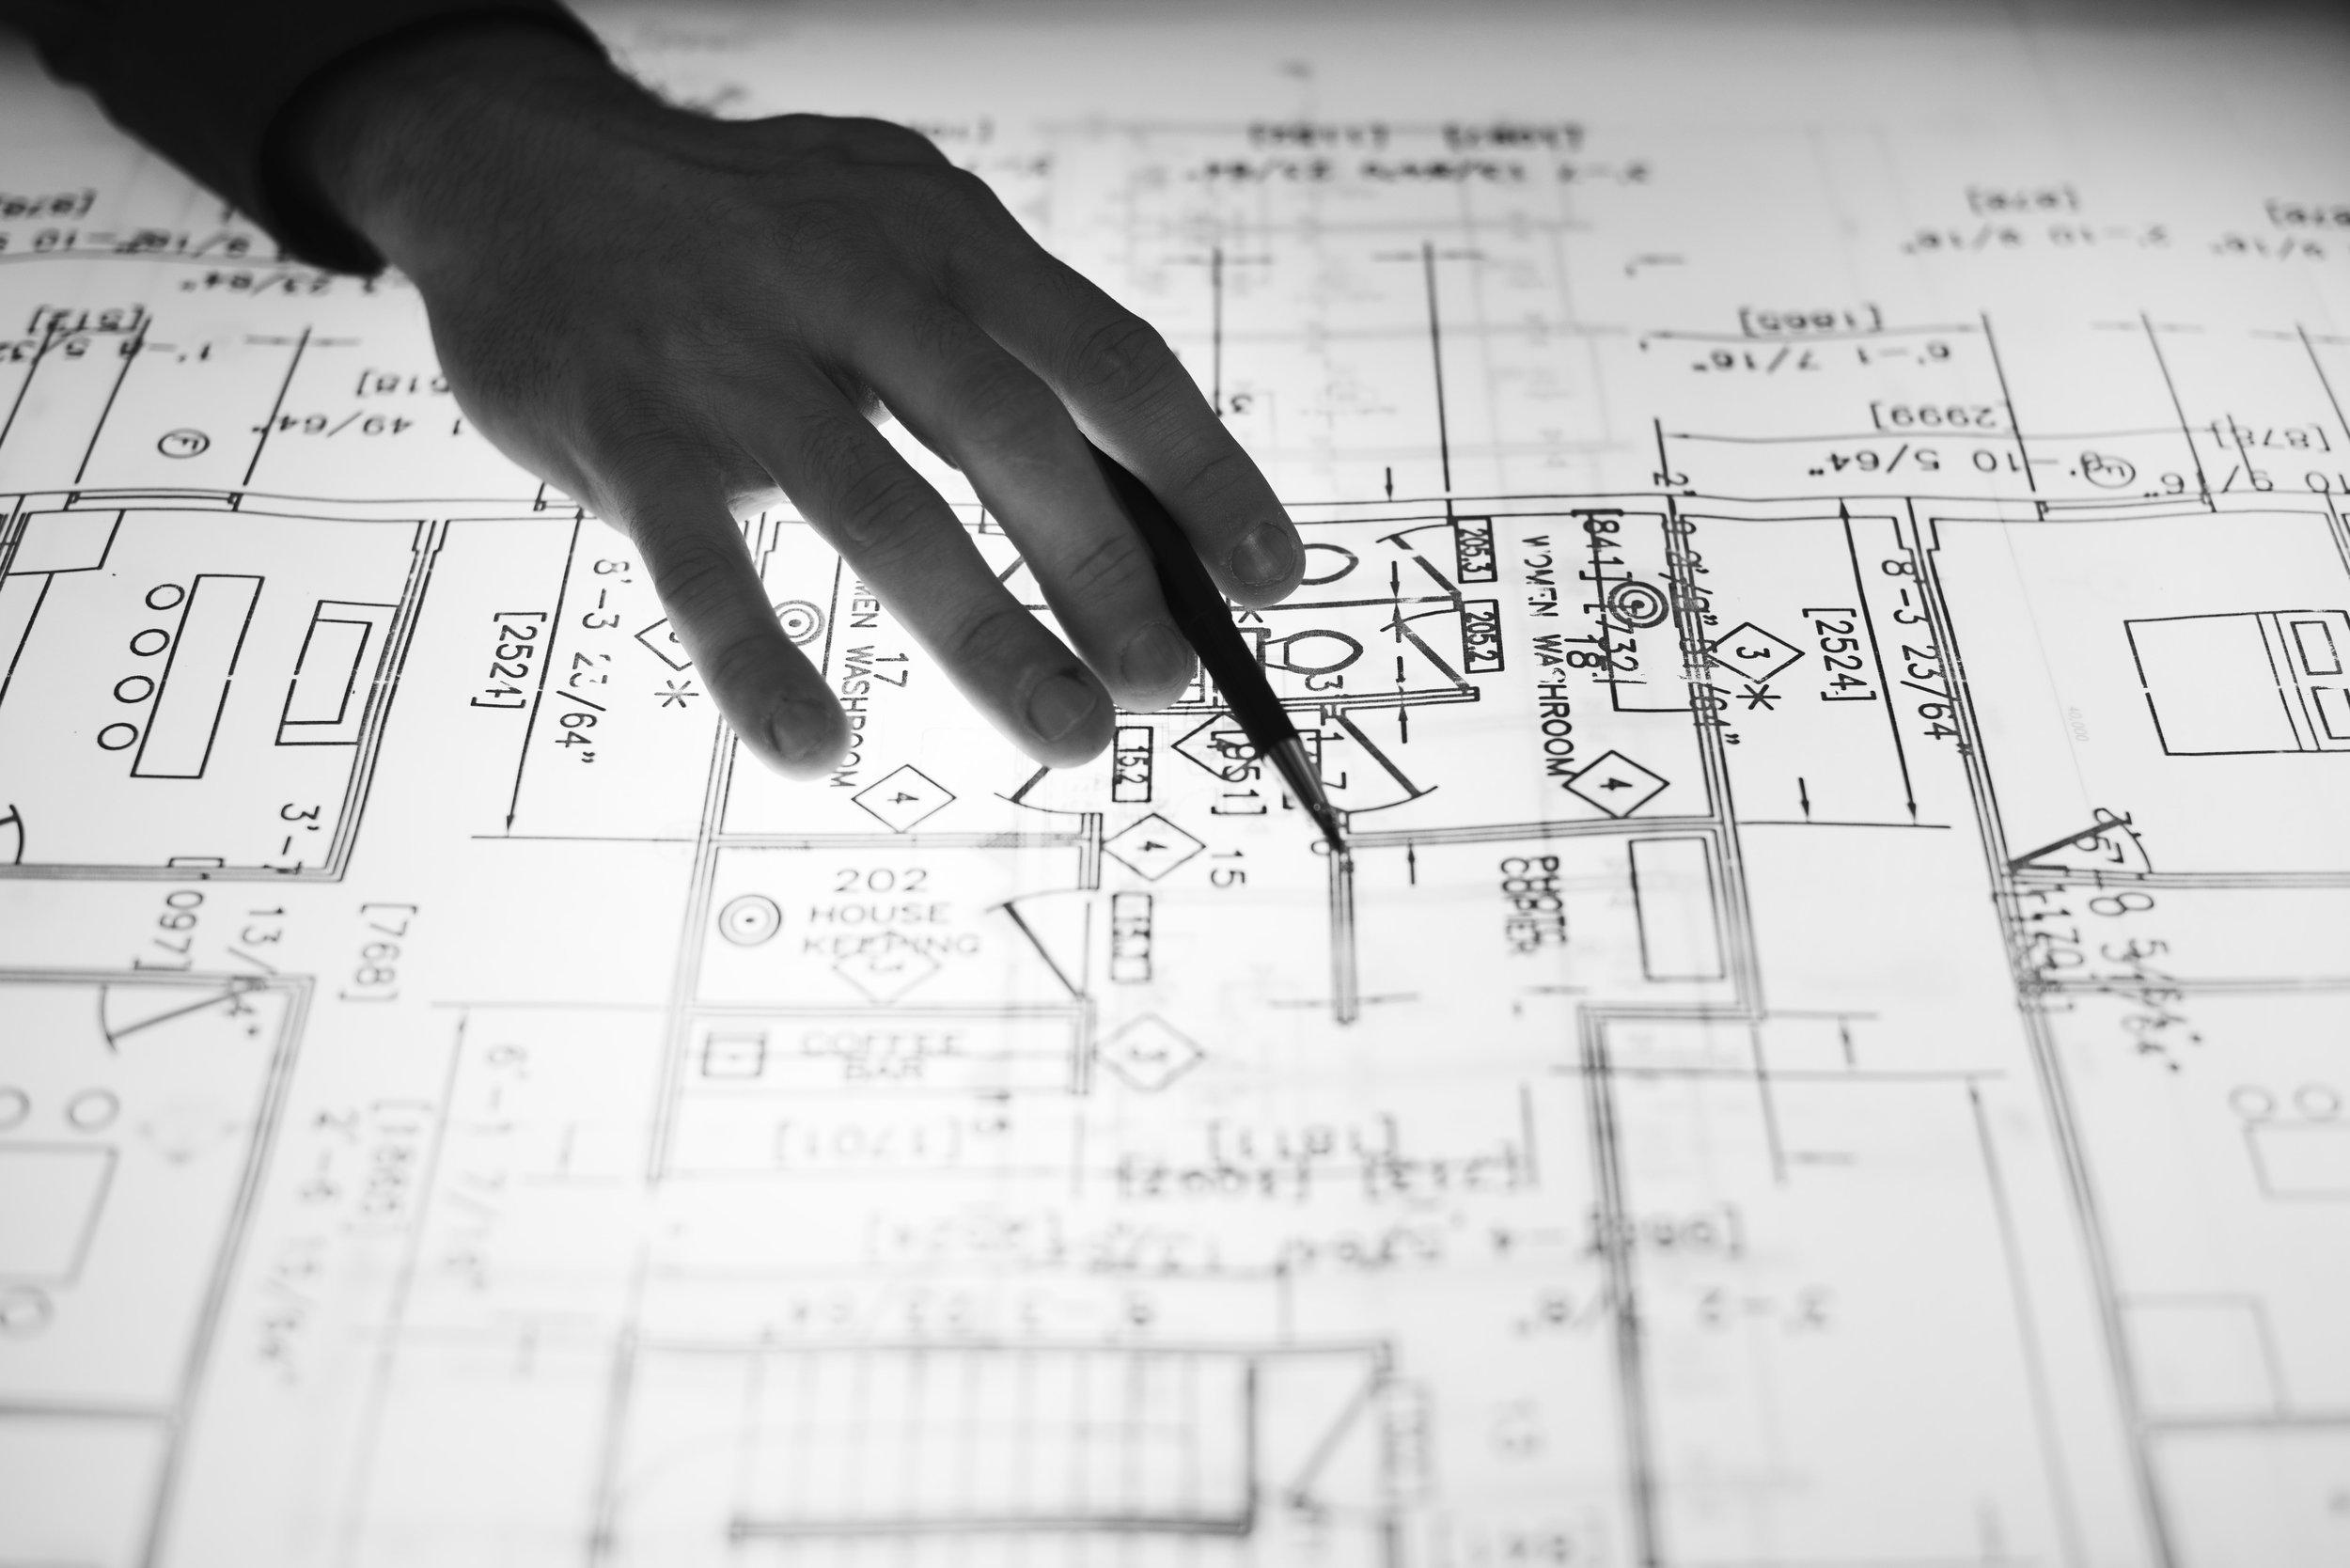 Design Development - Site DesignLandscape DesignInterior Design StudiesSpace PlanningExterior Elevation StudiesDevelop Design ConceptsCost Estimating